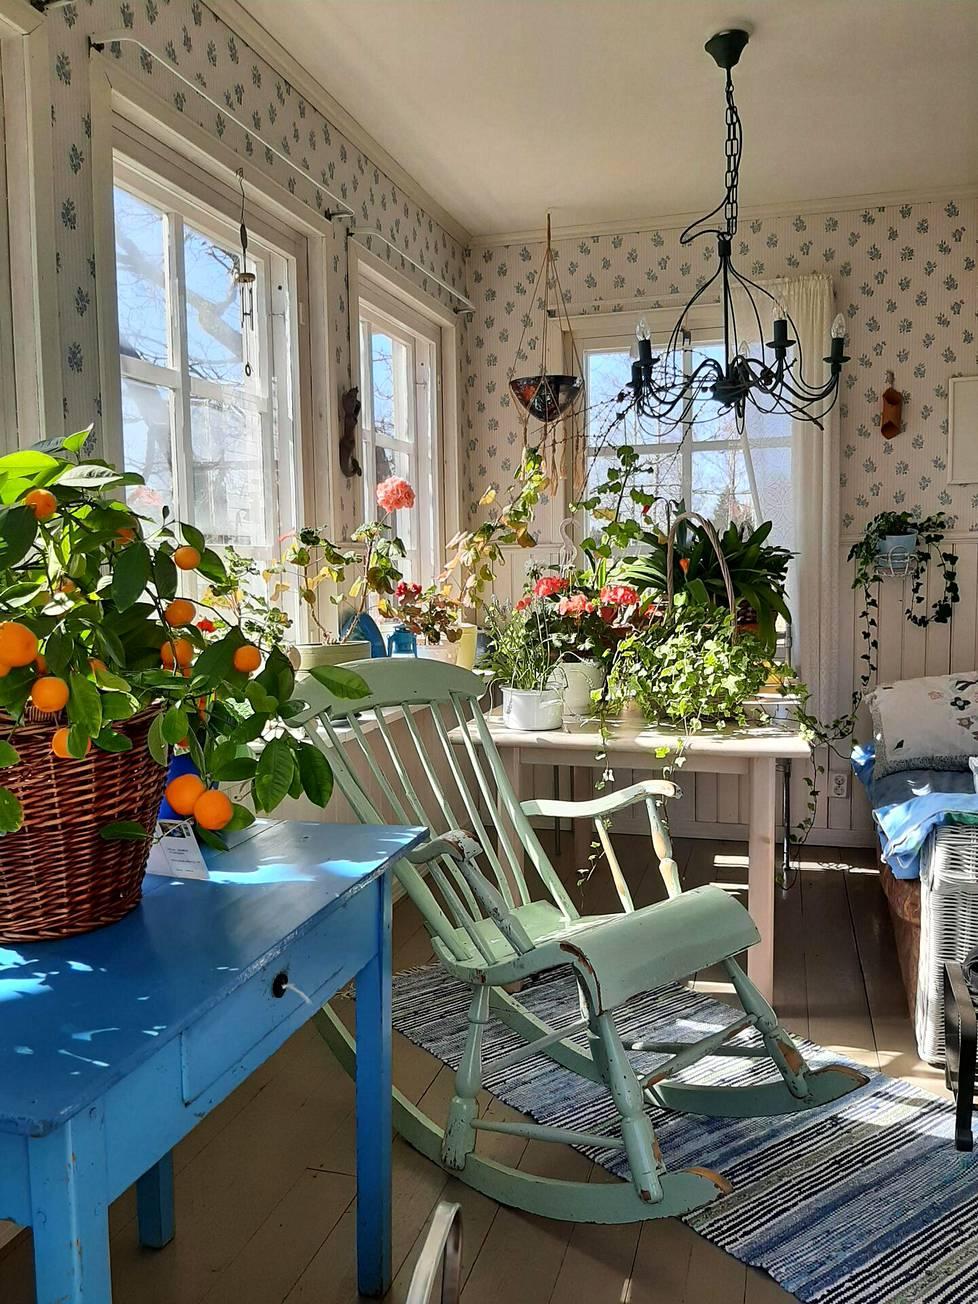 """""""Kevätaurinko paistaa ja lämmittää. Kukat viihtyvät ja aloittavat kukinnan aikaisin. Luen, neulon, juon kahvit ja nukun usein päivänokoset verannalla. Lemmikkini kissat Pirpana ja Sumu sekä Emppu-koira ovat seuranani."""""""